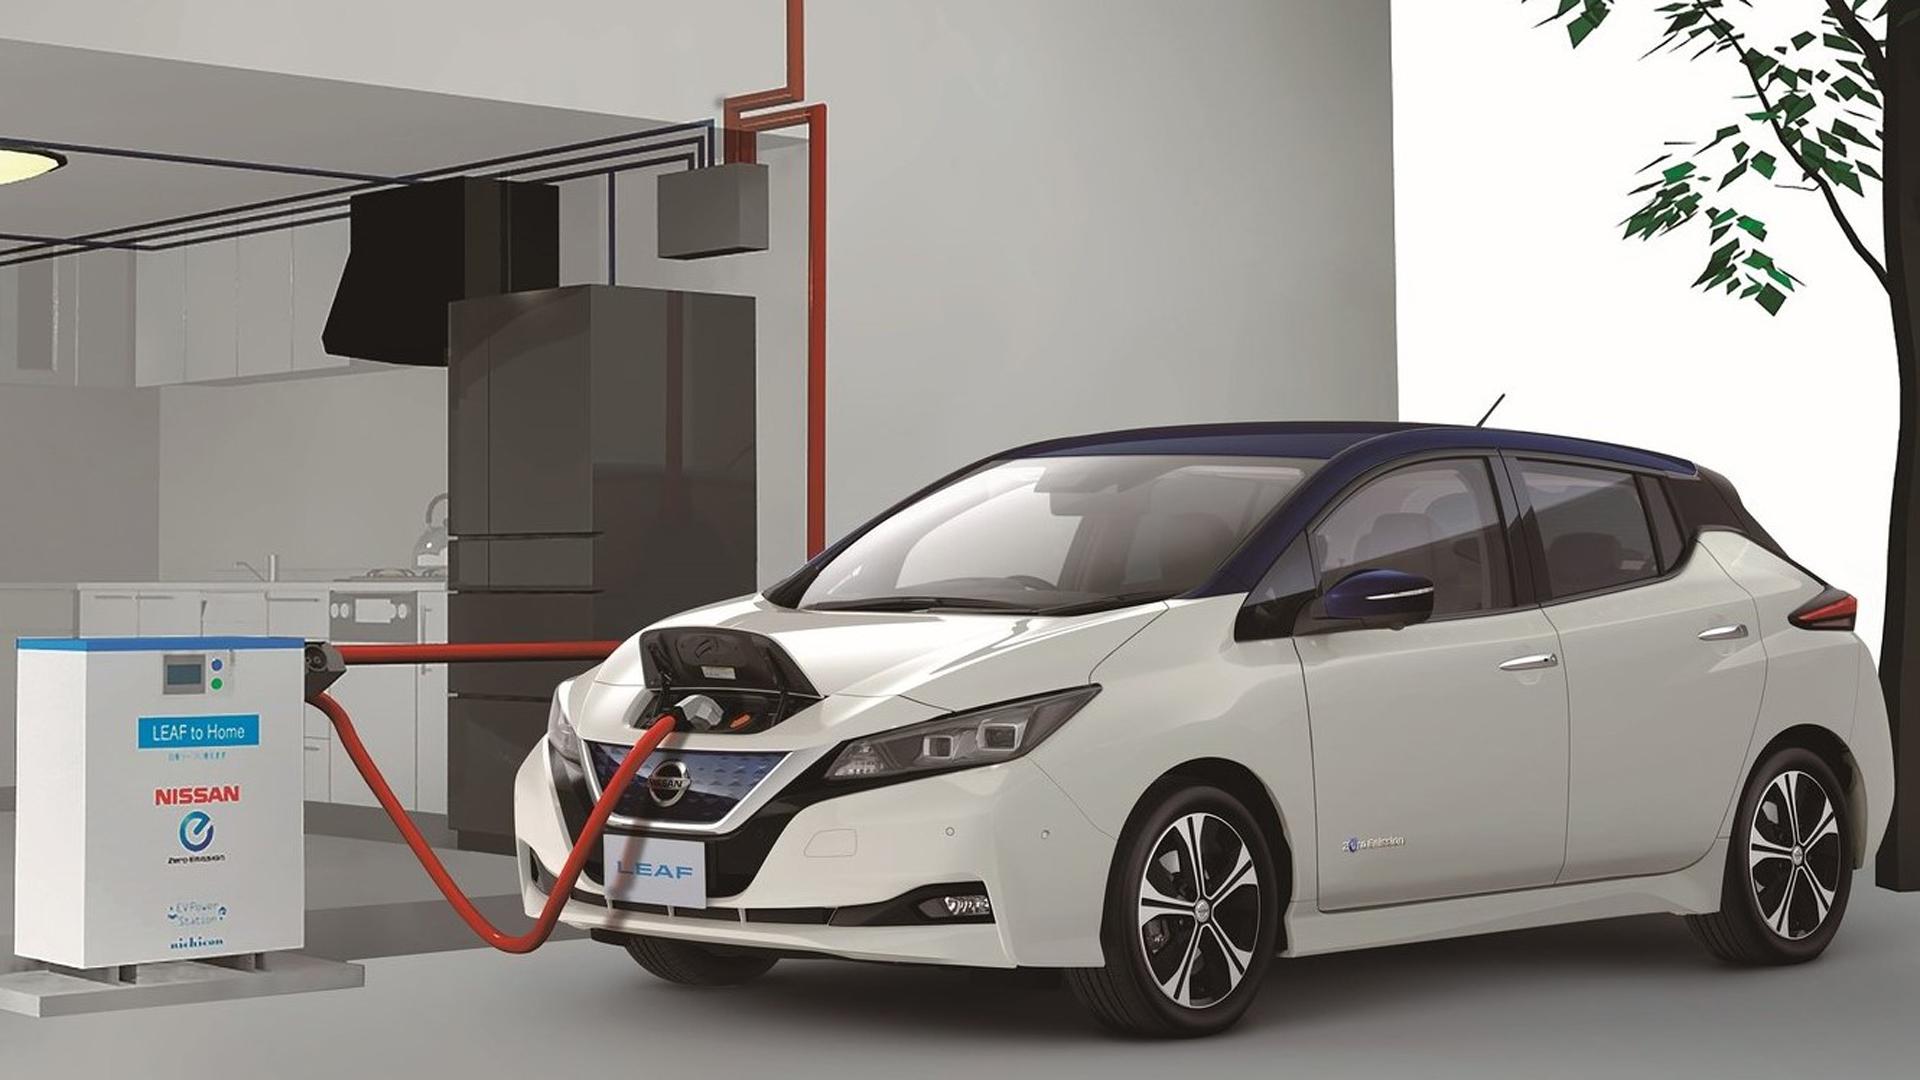 El Nissan Leaf fue el auto más vendido en 2018 en Noruega, donde 1 de cada 3 vehículos es eléctrico.